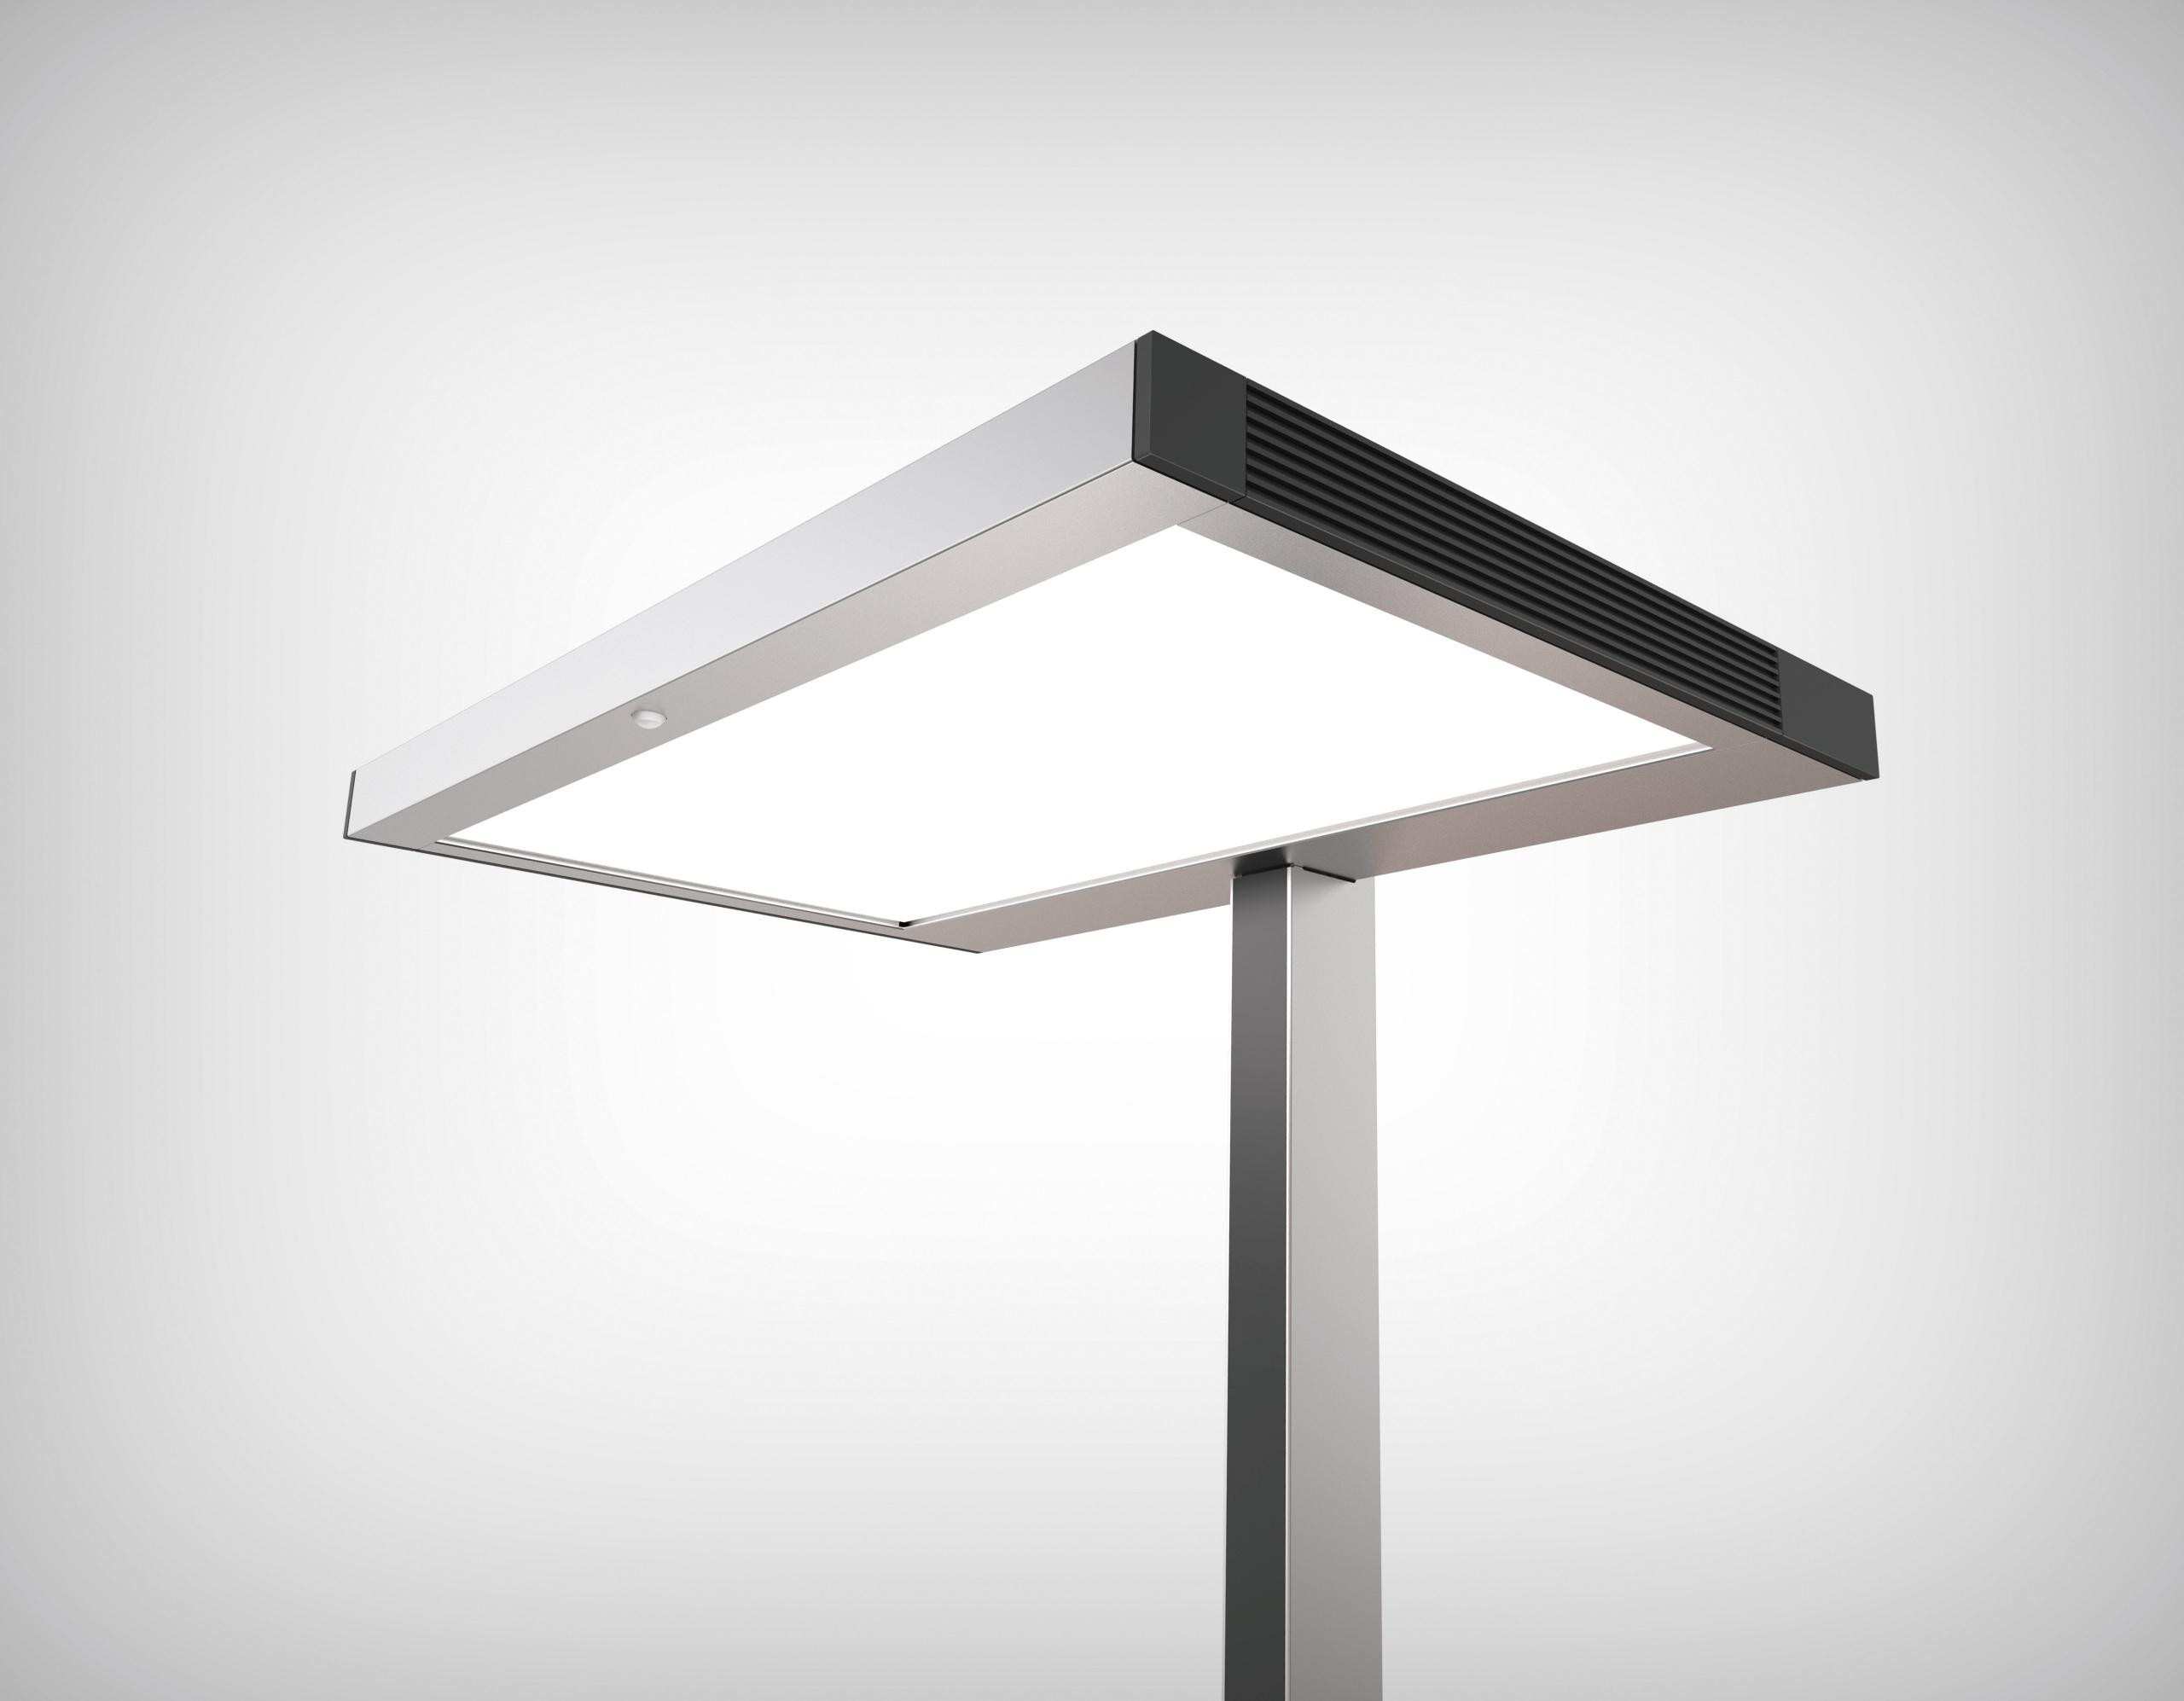 Vitawork le nouveau lampadaire de Luctra 1ère présentation dans le cadre de Light+Building 2018.